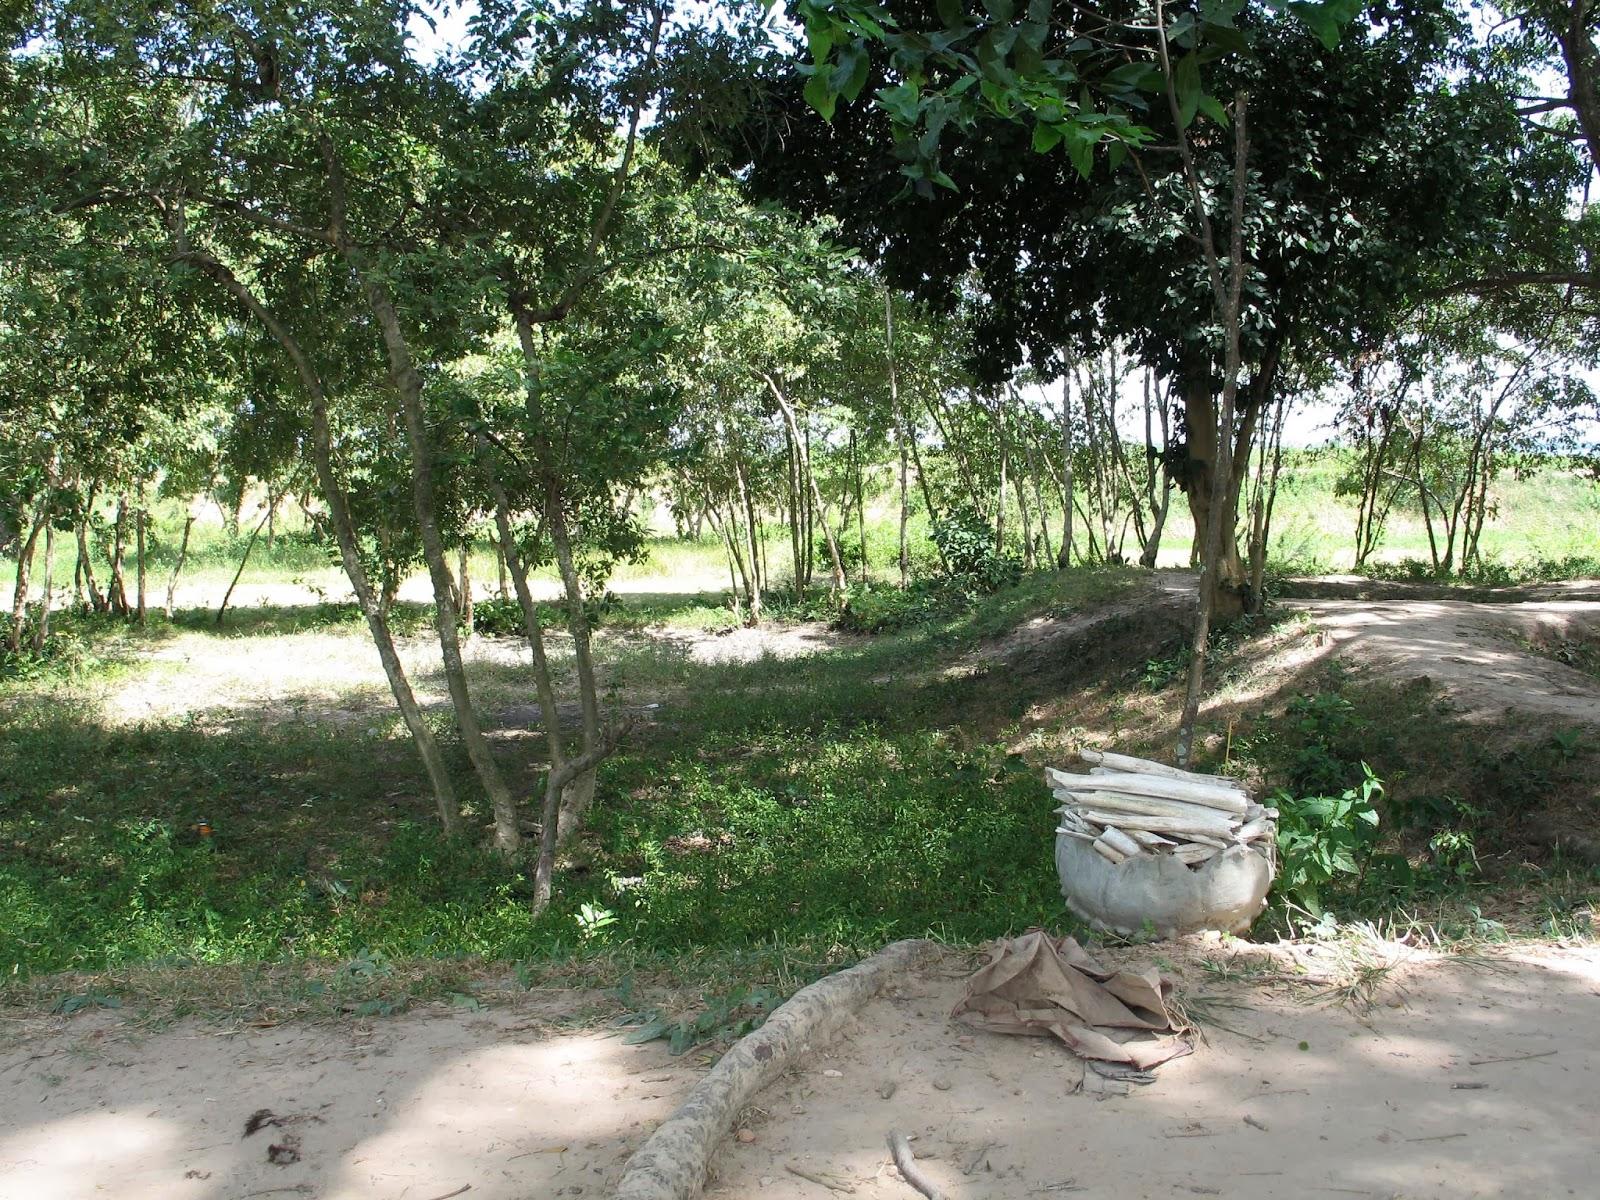 SAMURAI POLICE 1109: THE KILLING FIELDS OF THE KHMER ROUGE  Khmer